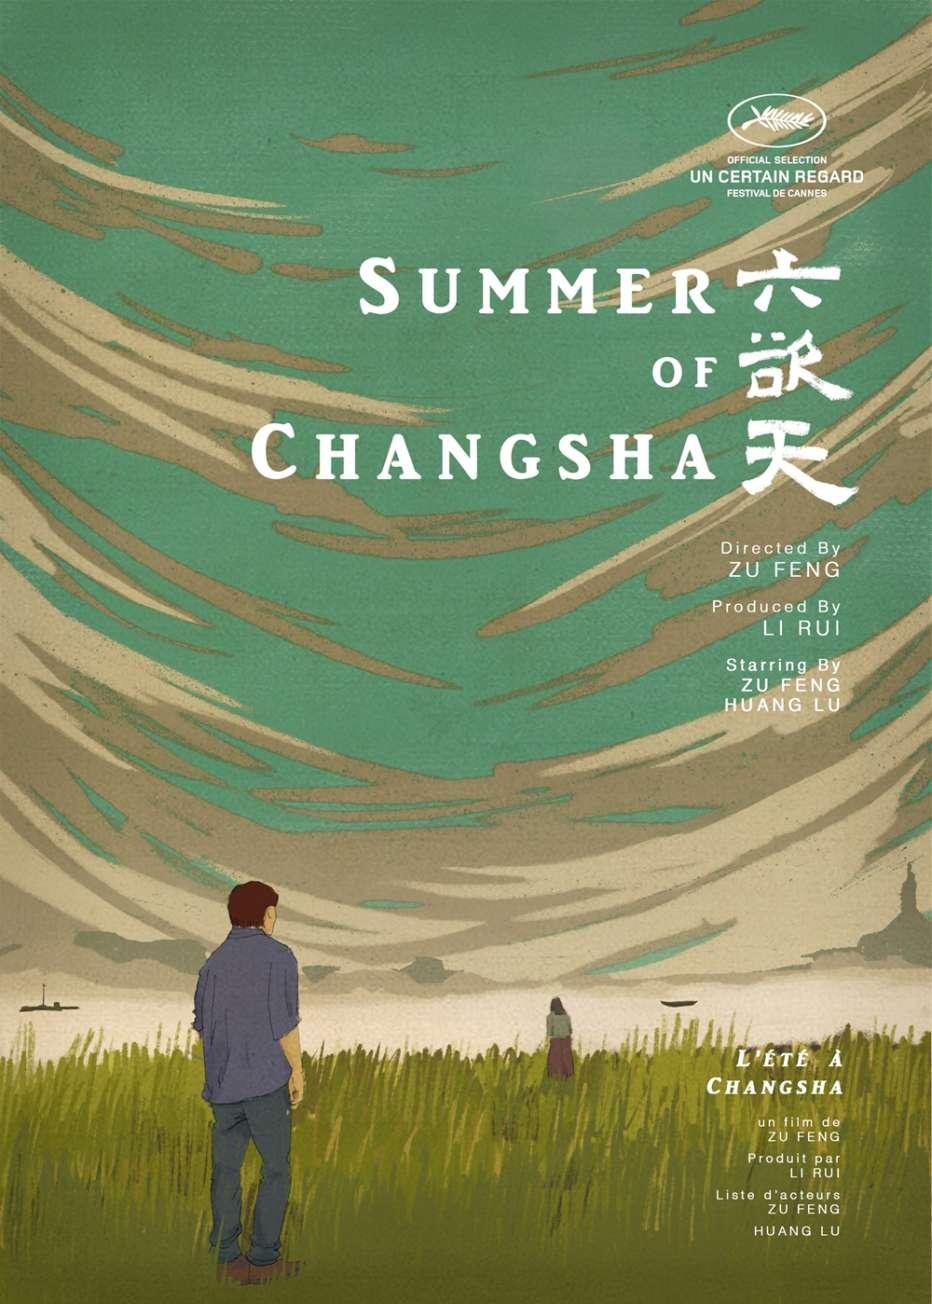 Summer-of-Changsha-2019-Zu-Feng-001.jpg